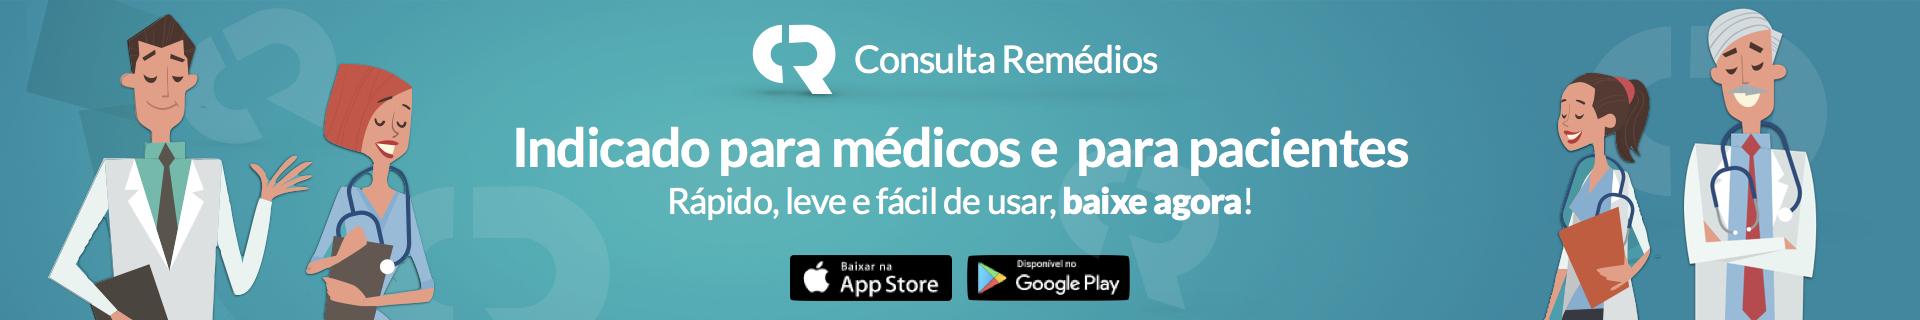 D67c8c33edcc040f177768ece23010d8dbec58624k app outubro consulta remedios